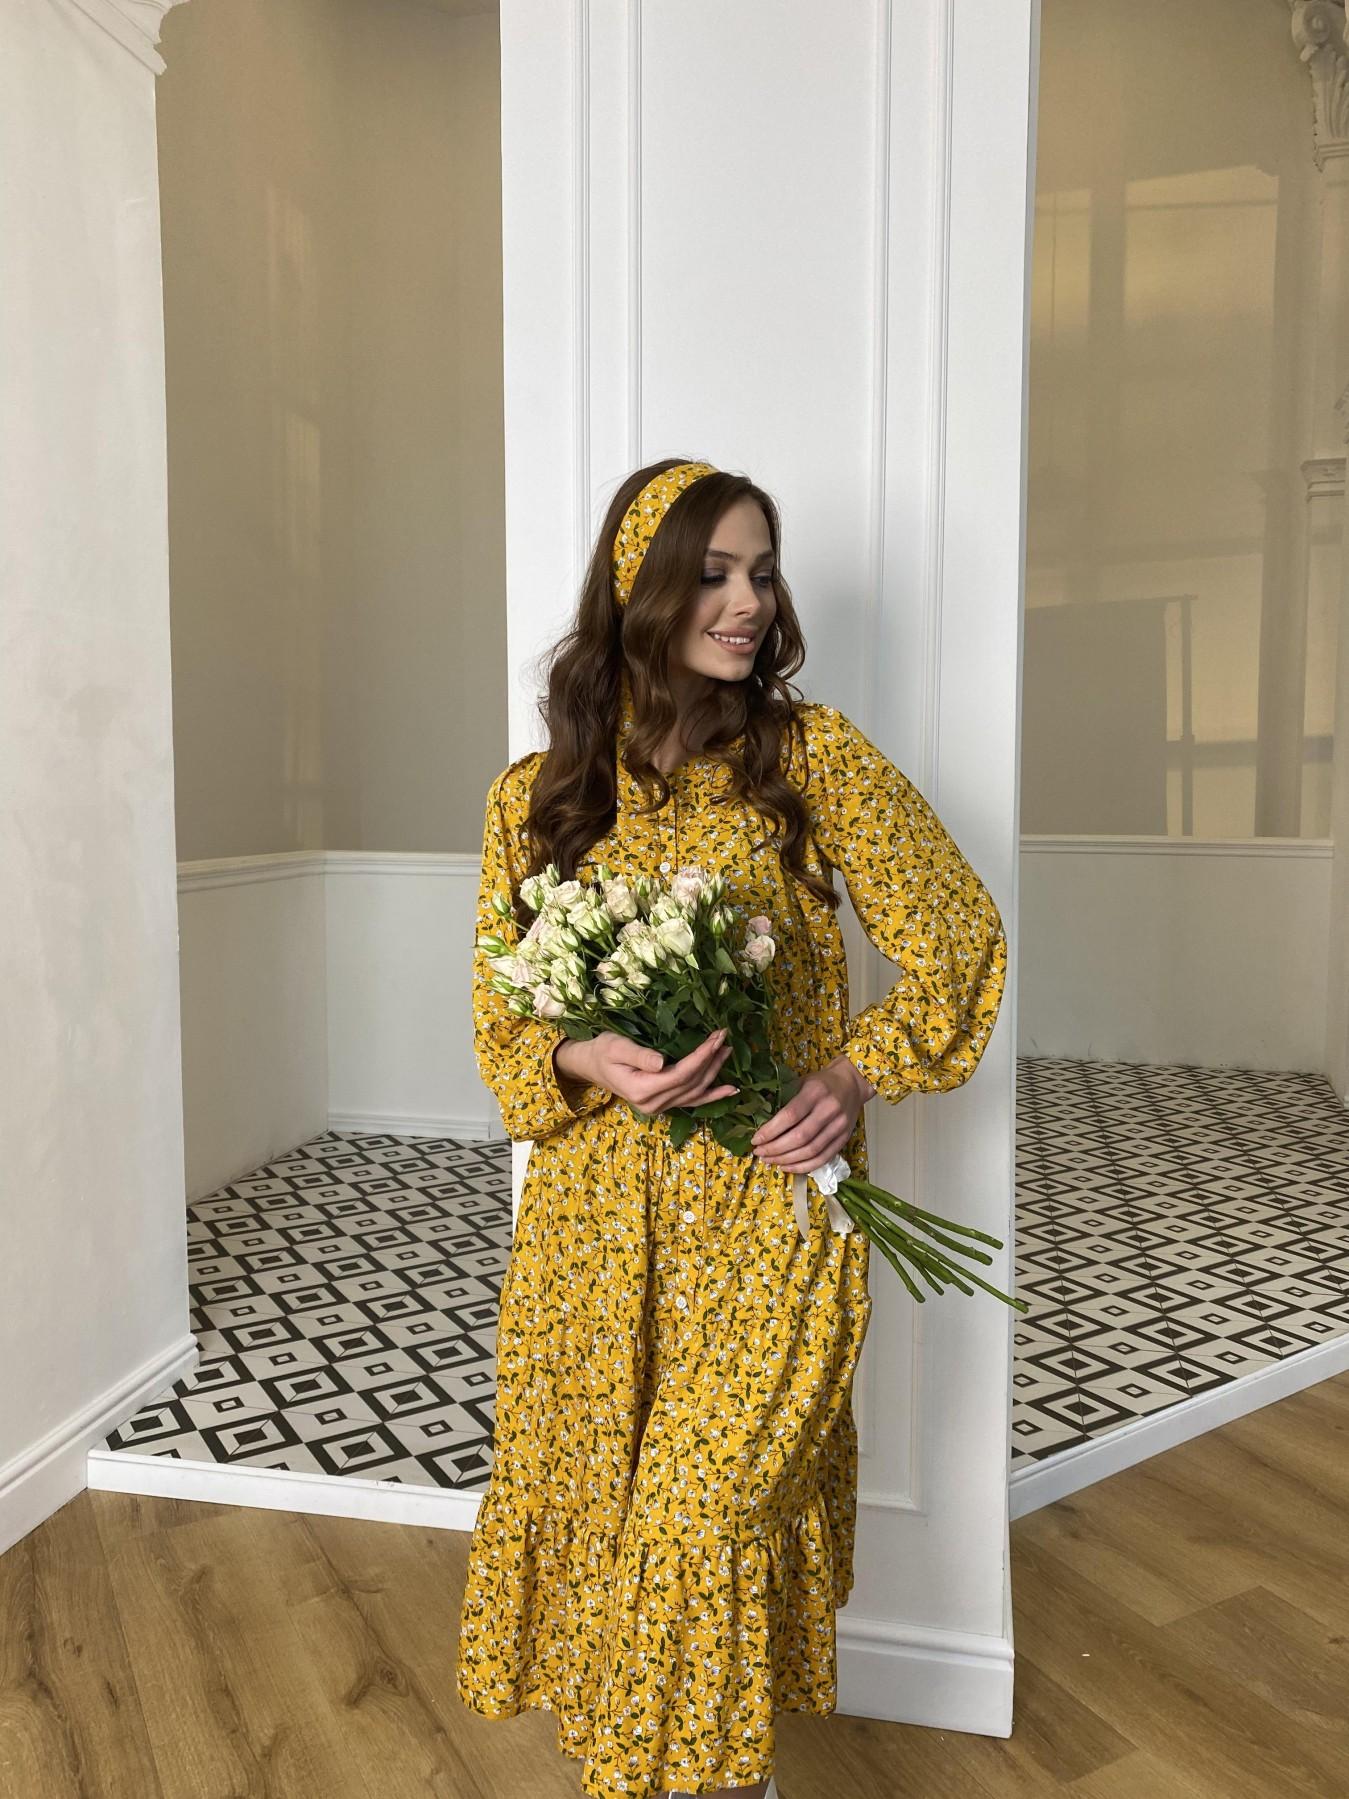 Берри миди штапель принт платье 10875 АРТ. 47344 Цвет: Цветы мел горч/бел/гол - фото 1, интернет магазин tm-modus.ru